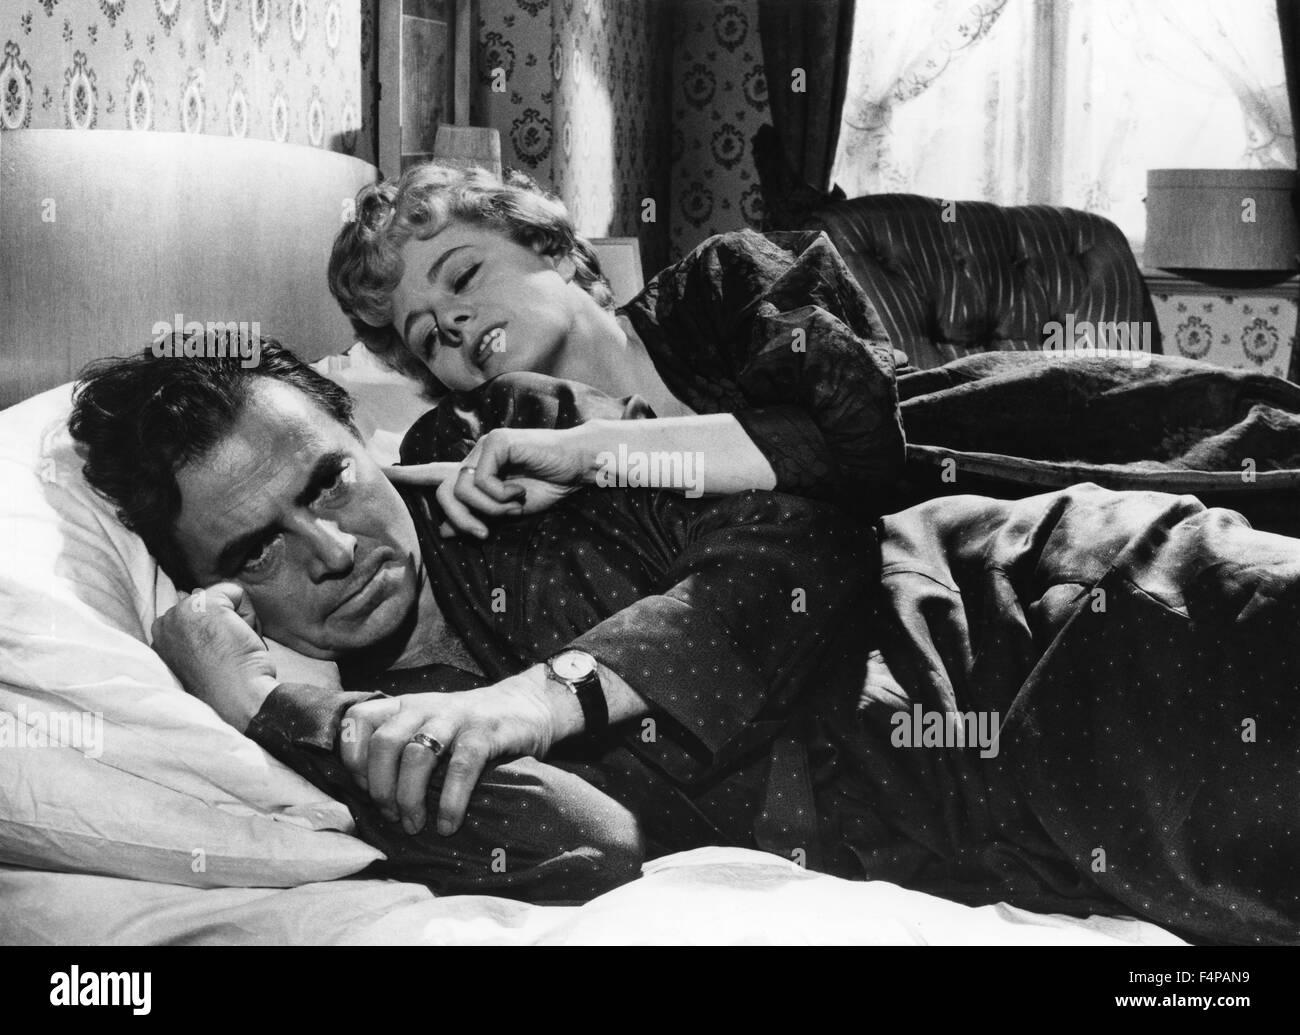 James Mason, Shelley Winters / Lolita 1962 réalisé par Stanley Kubrick Photo Stock